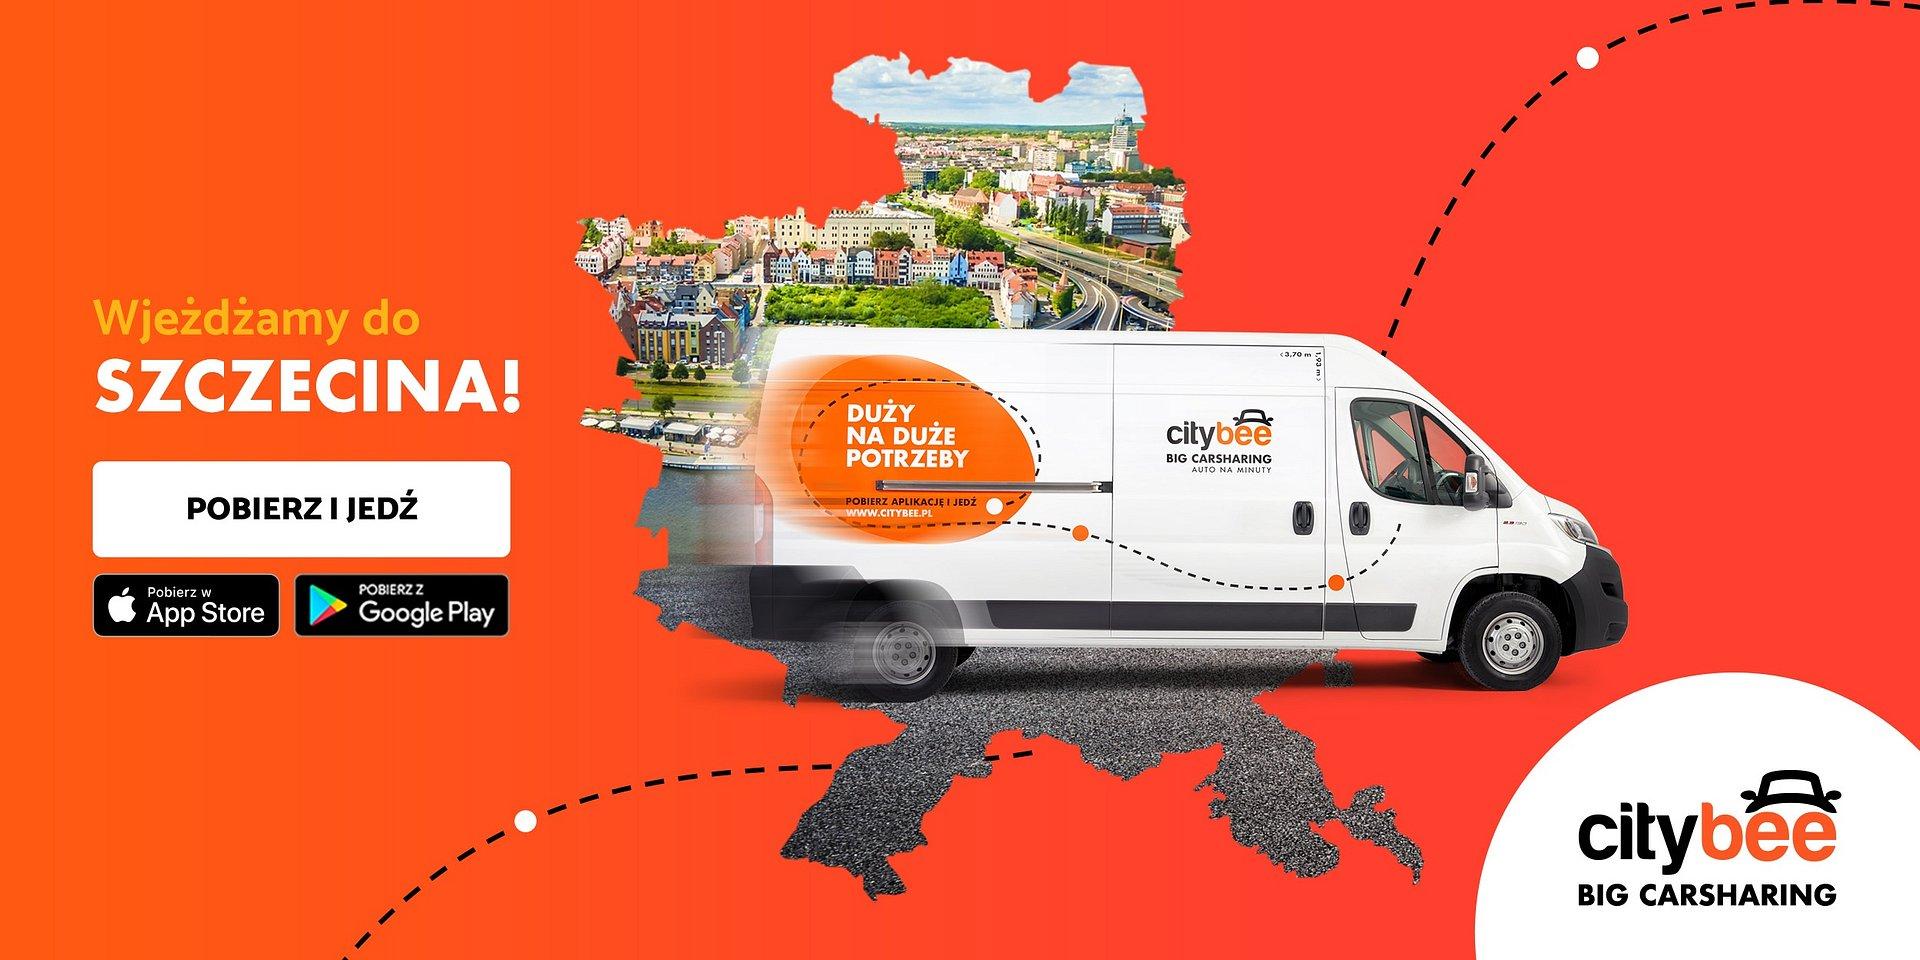 CityBee wjeżdża do Szczecina! Startuje wynajem dostawczaków na minuty!